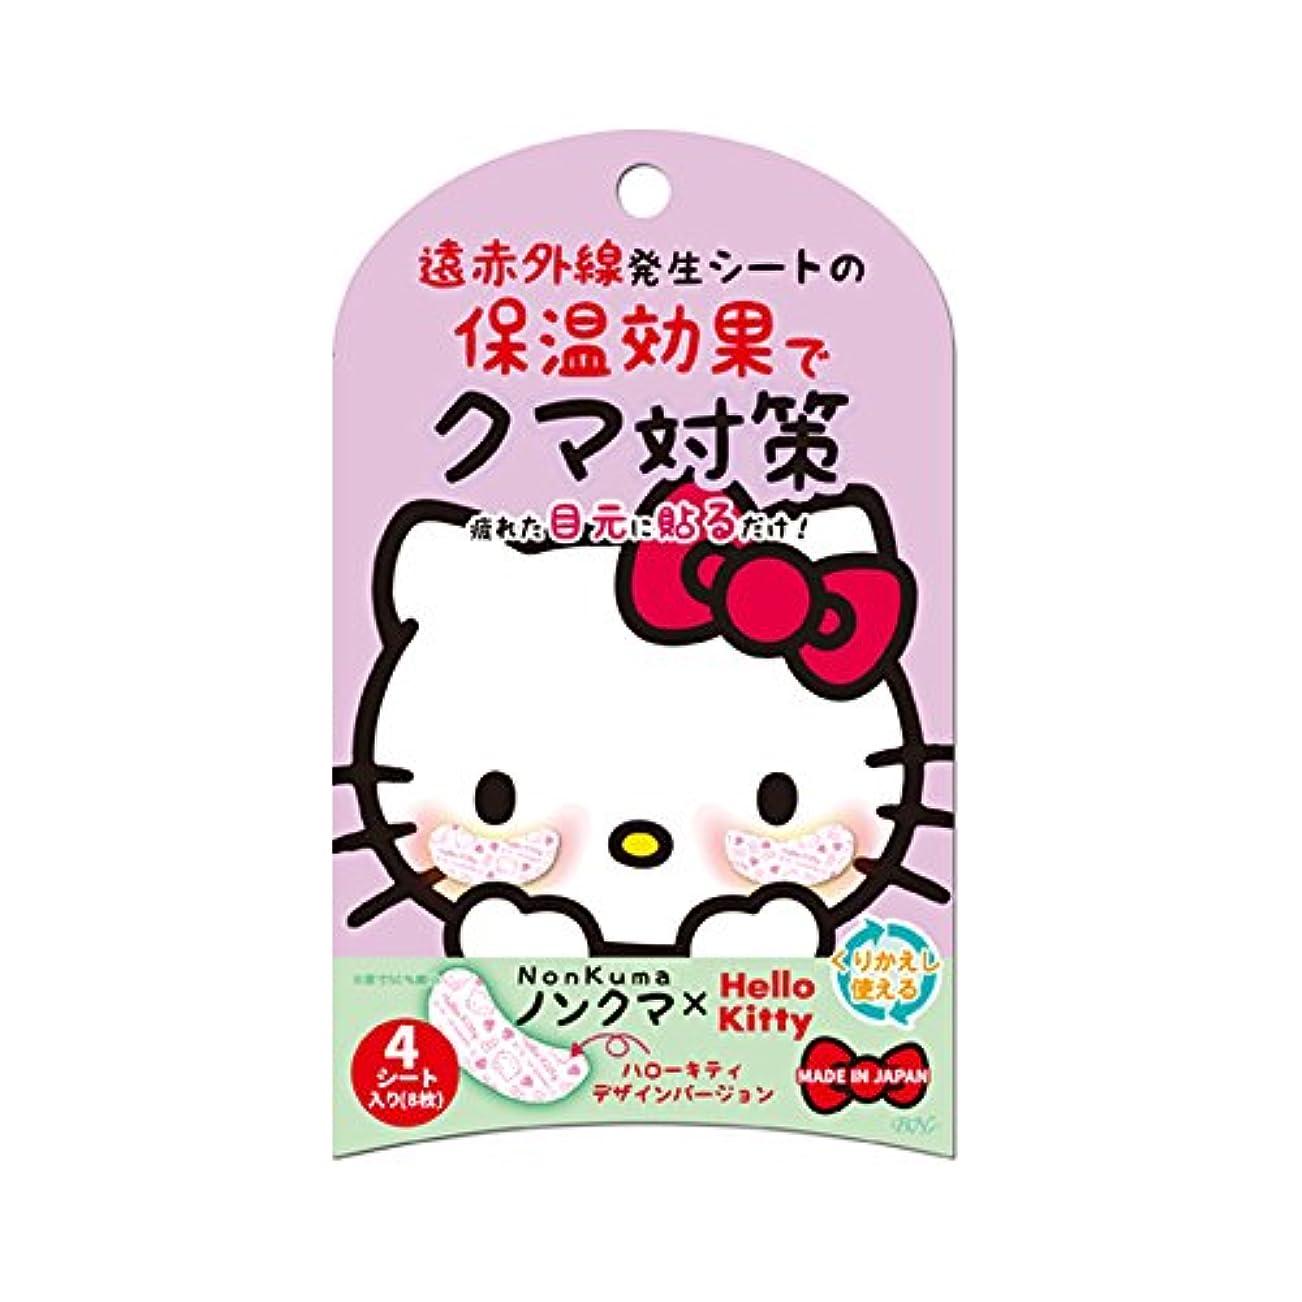 熟達ビートメロドラマティックBN ノンクマ×ハローキティ NKHK-01 4シート(8枚入り)